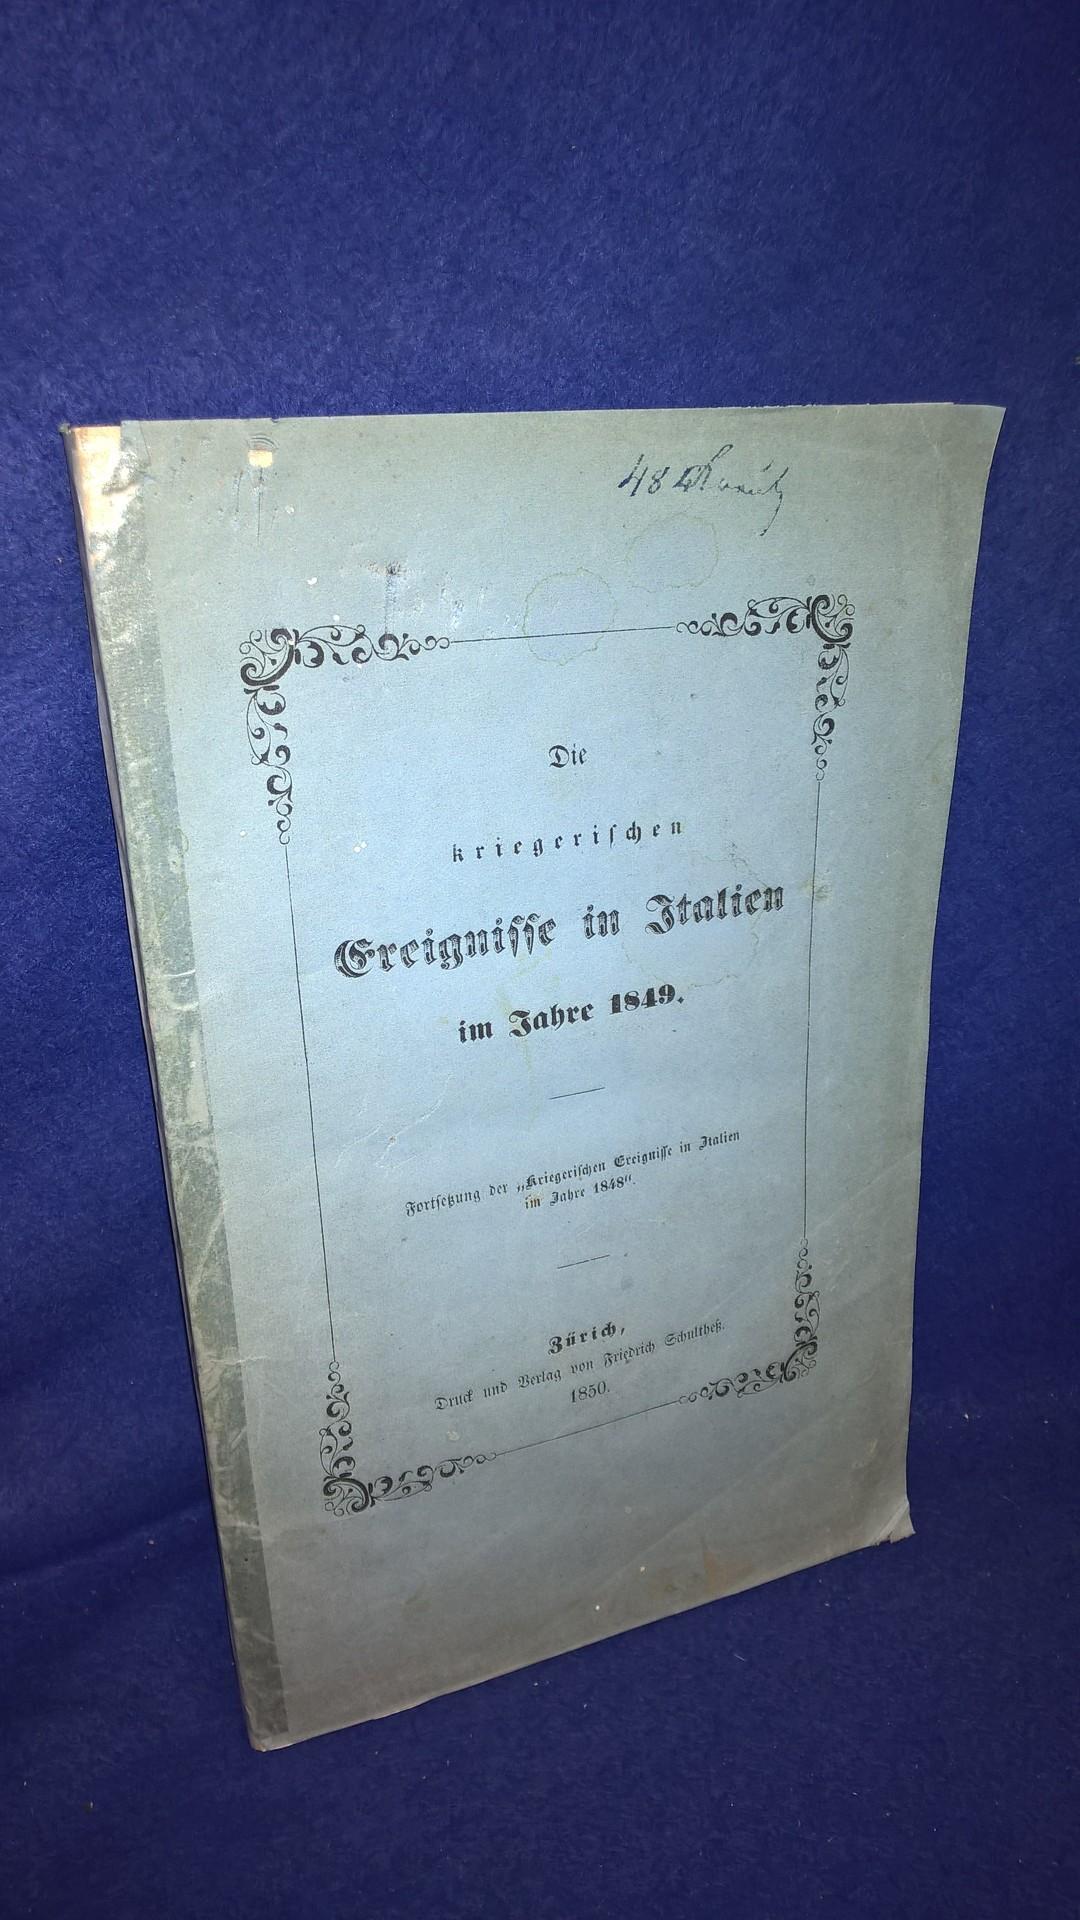 """Die kriegerischen Ereignisse in Italien im Jahre 1849. Fortsetzung der """"Kriegerischen Ereignisse in Italien im Jahre 1848""""."""